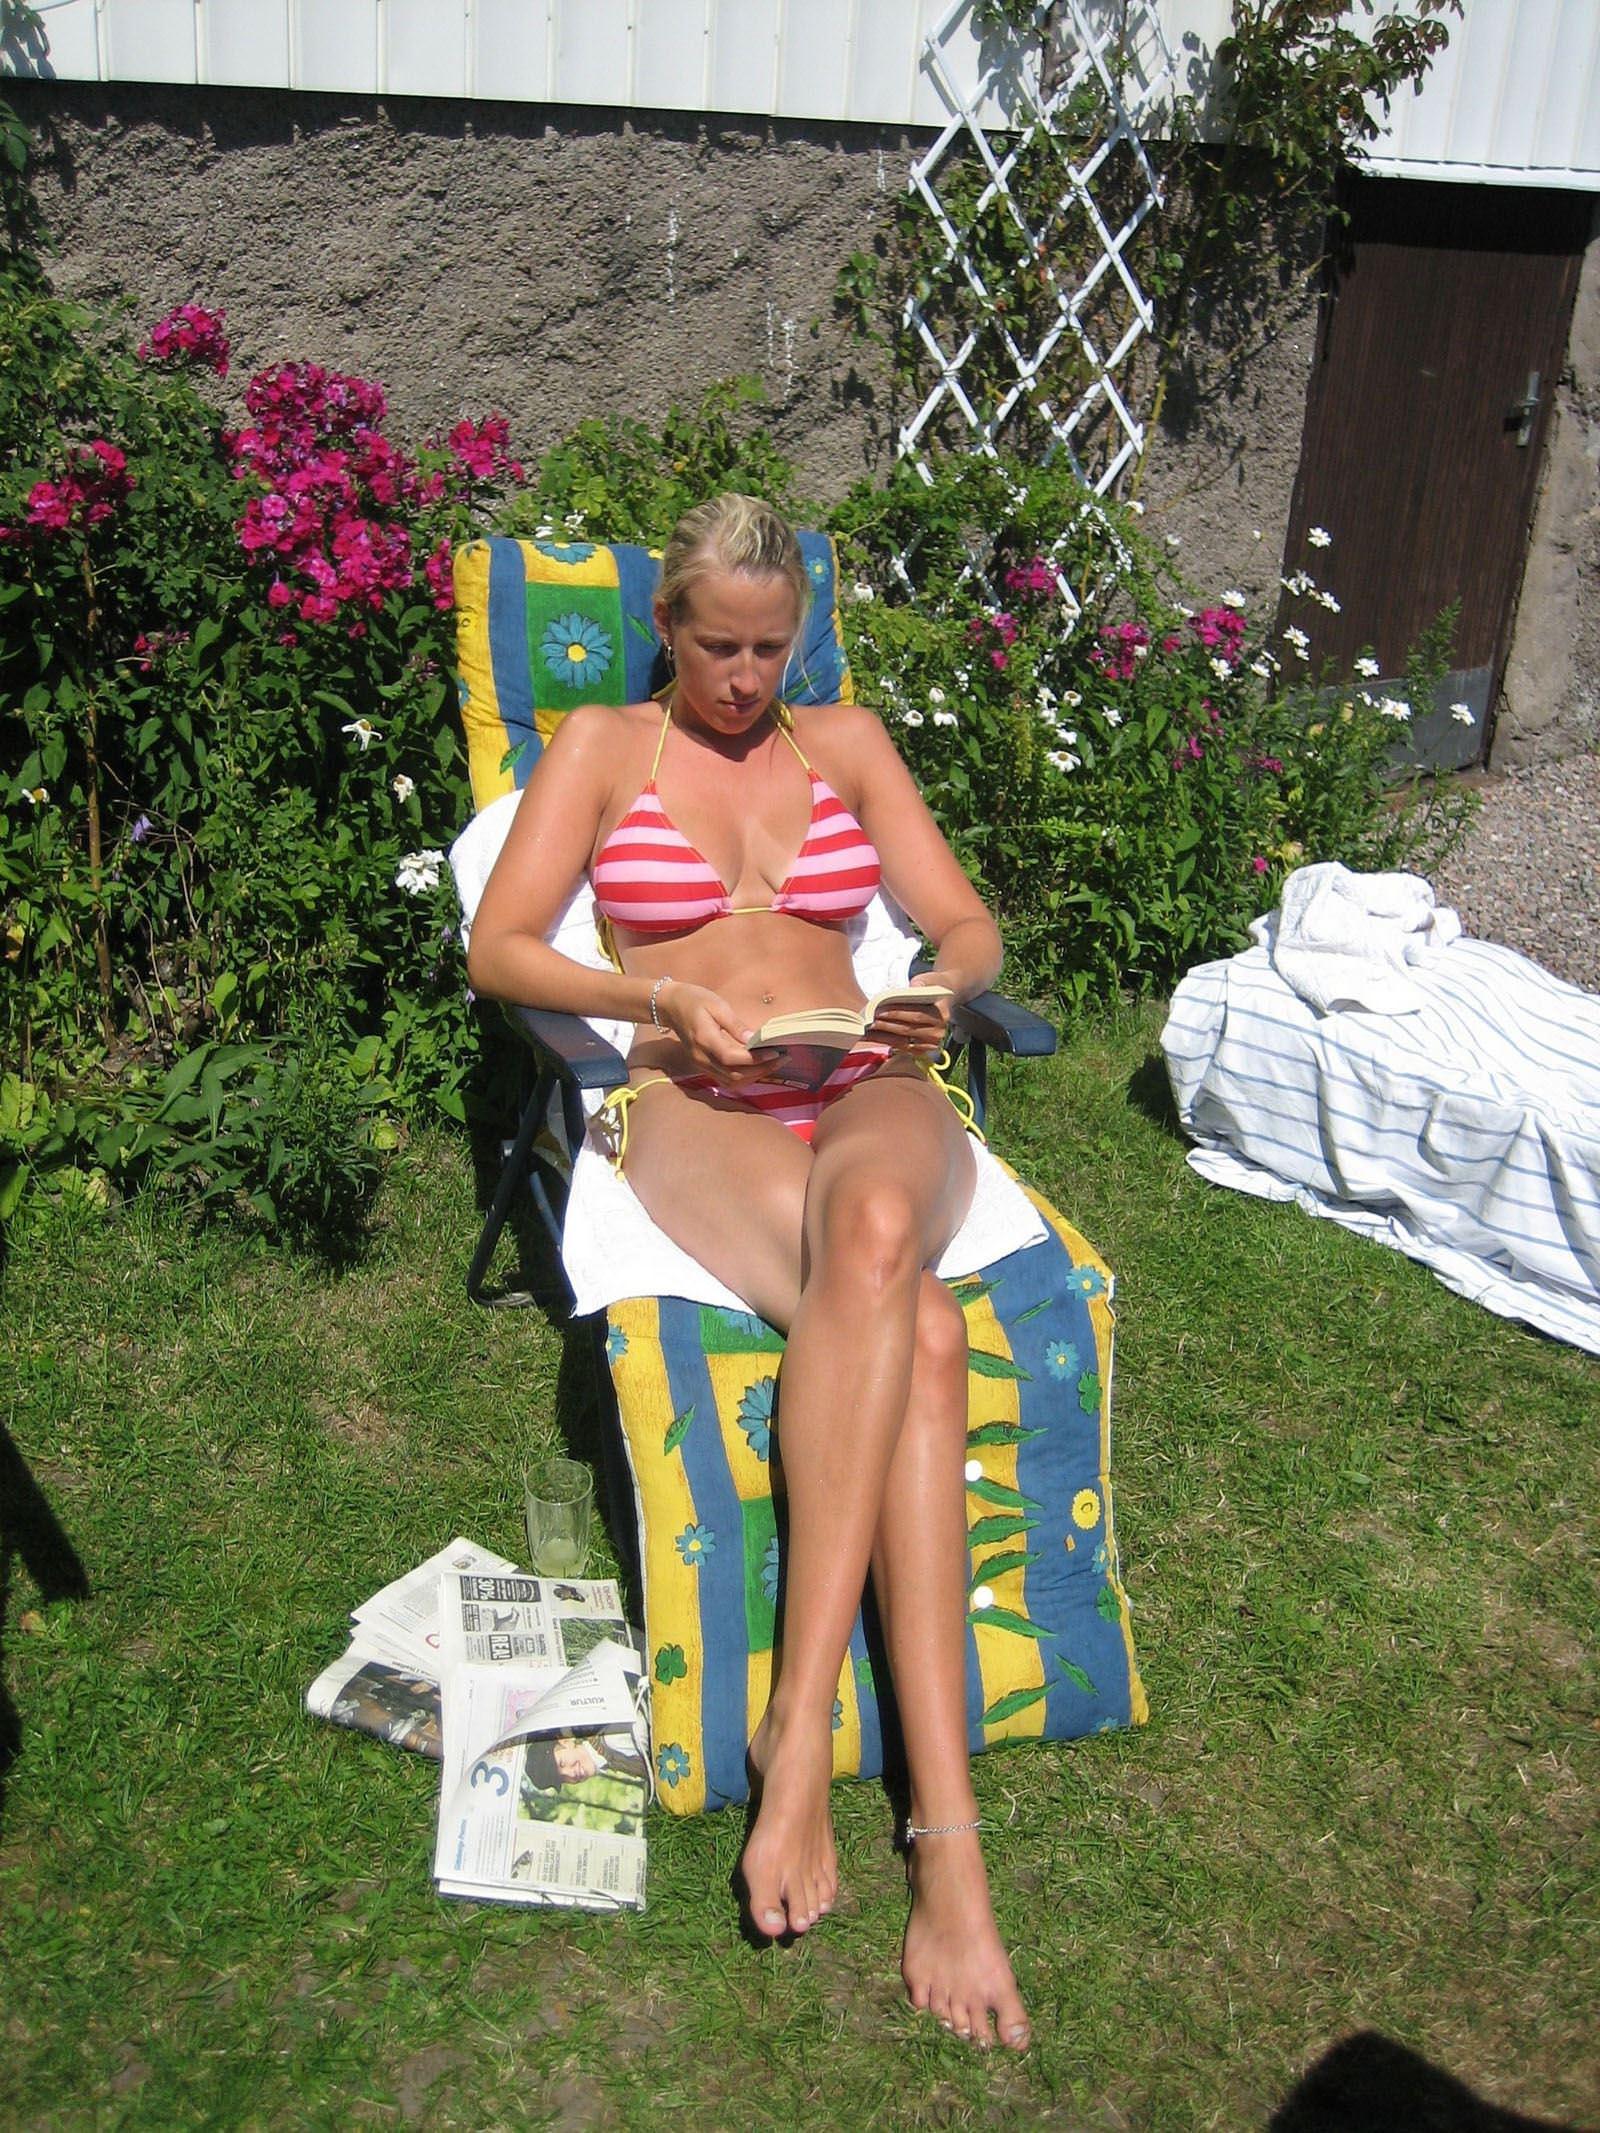 【外人】スウェーデンの金髪素人美女が彼氏とエッチして妊娠した姿を晒すポルノ画像 2930